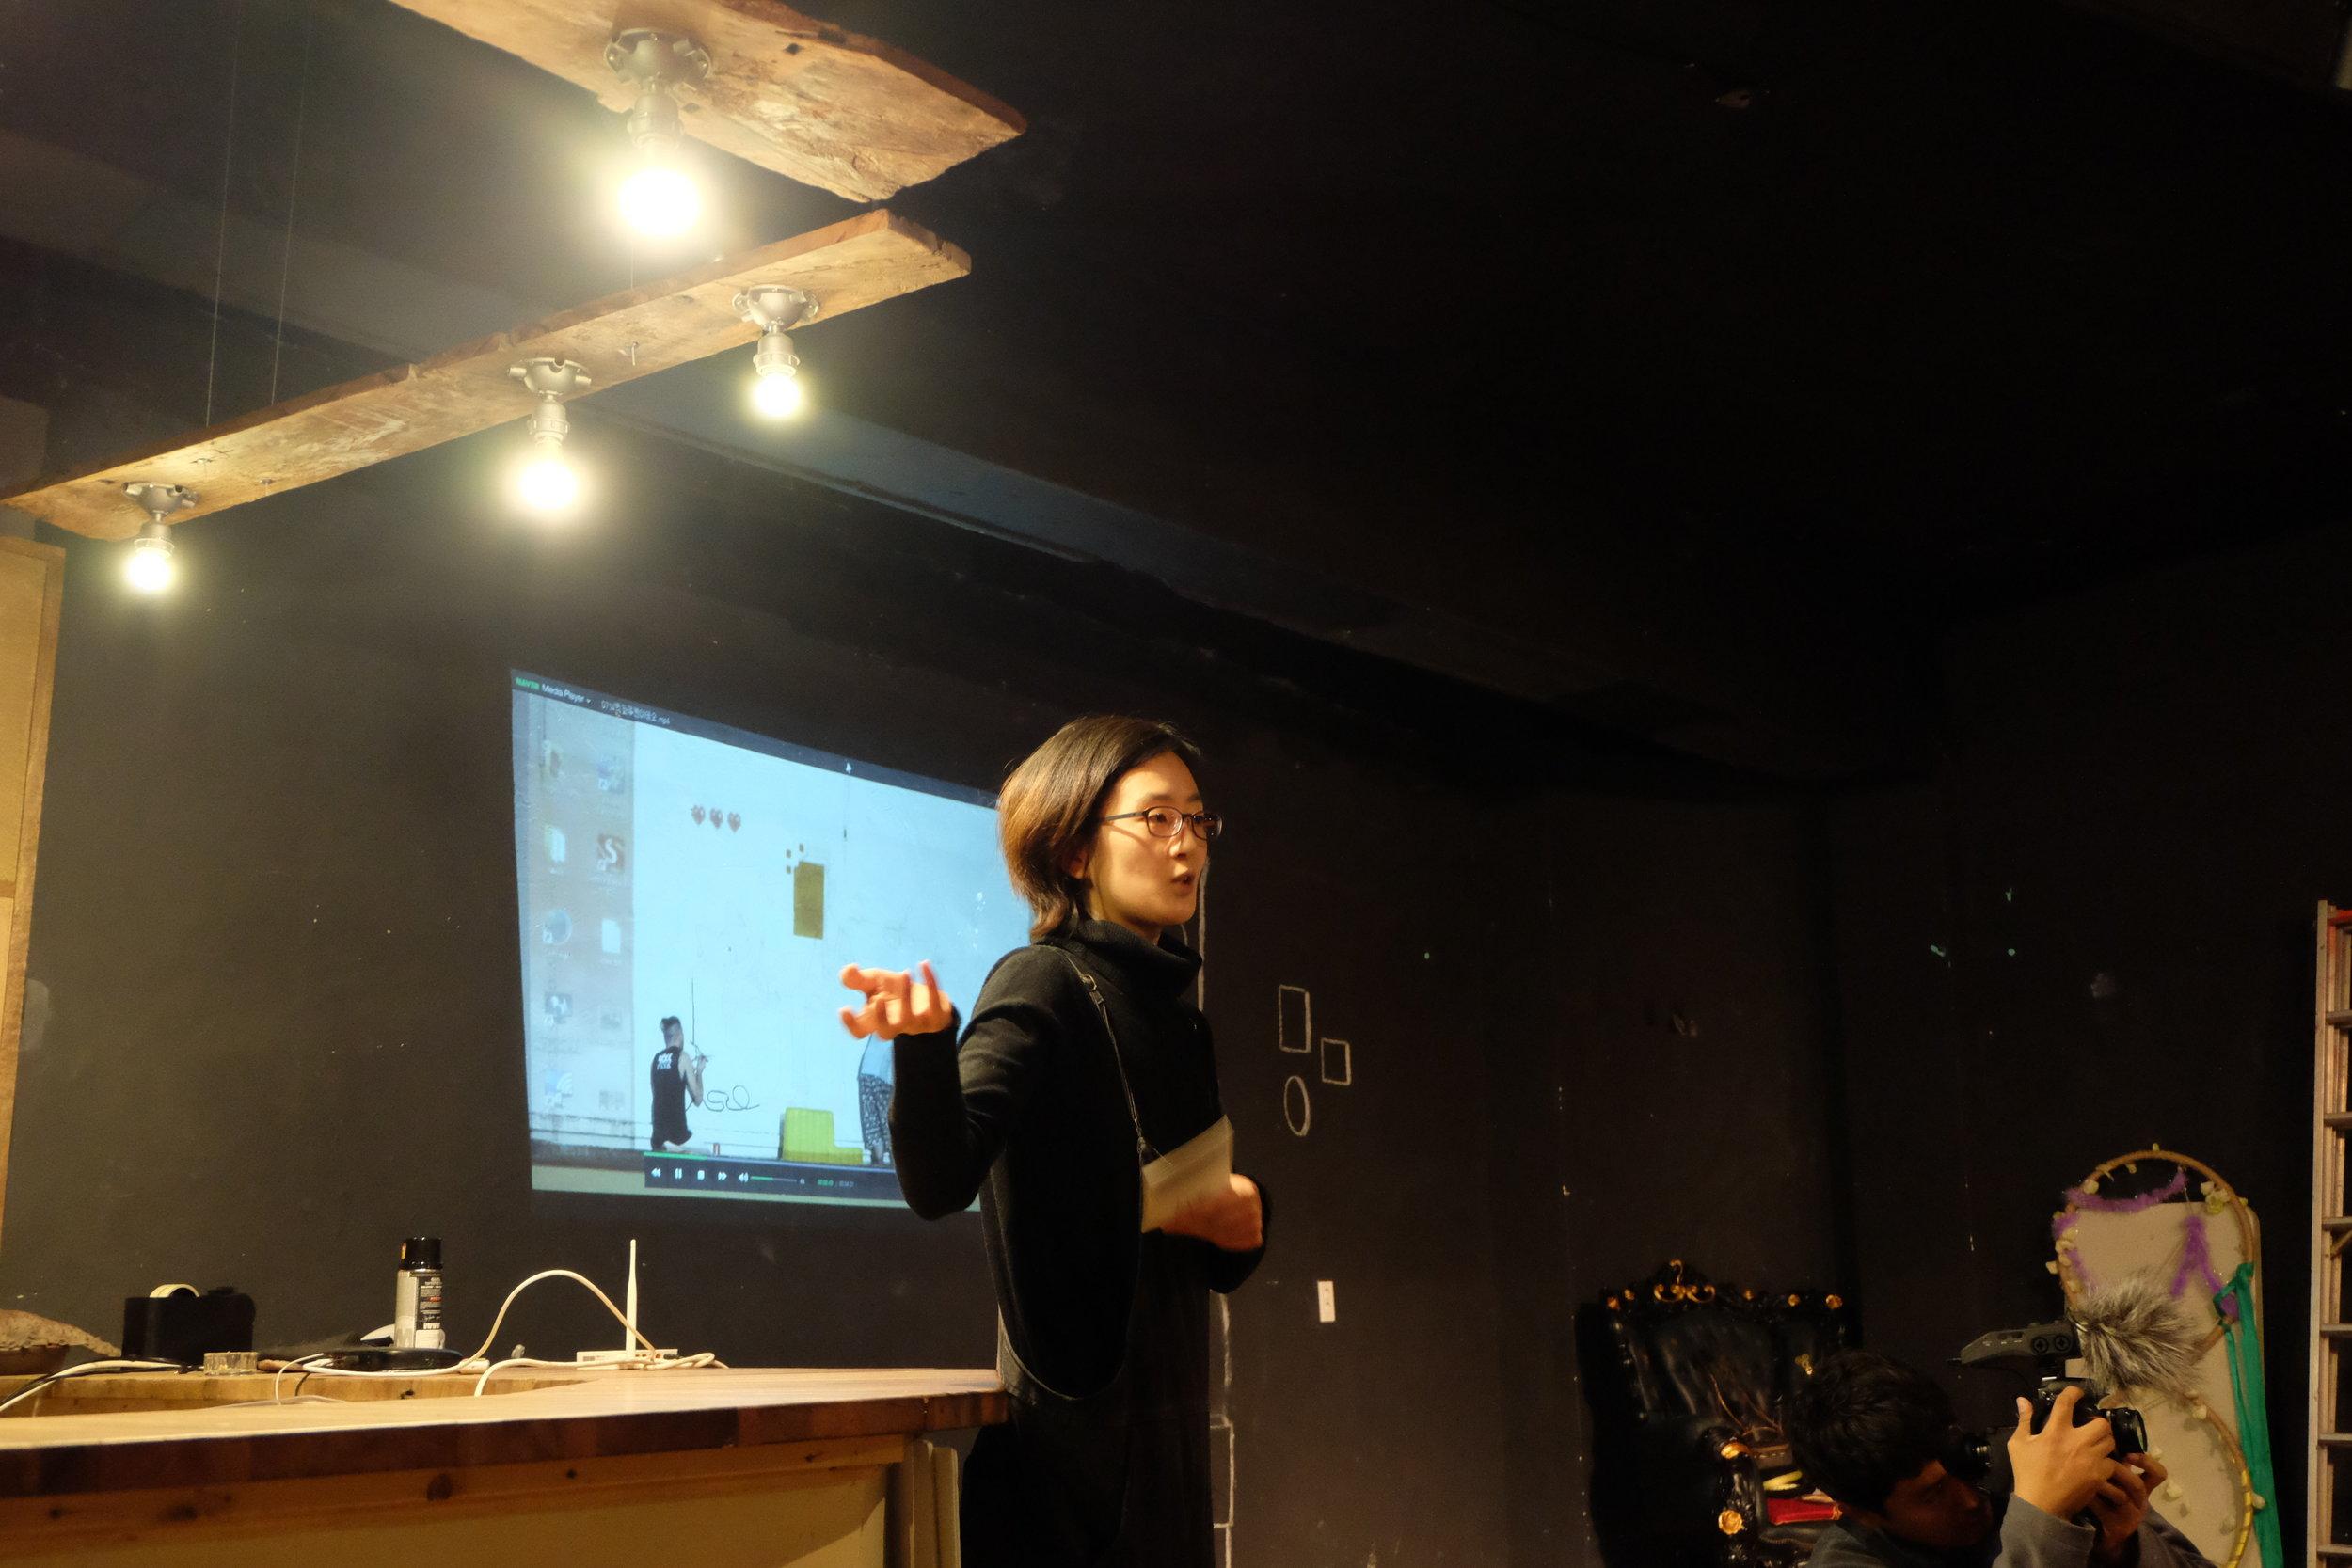 コミュニティーに根付いたストリートアート的活動について説明中。